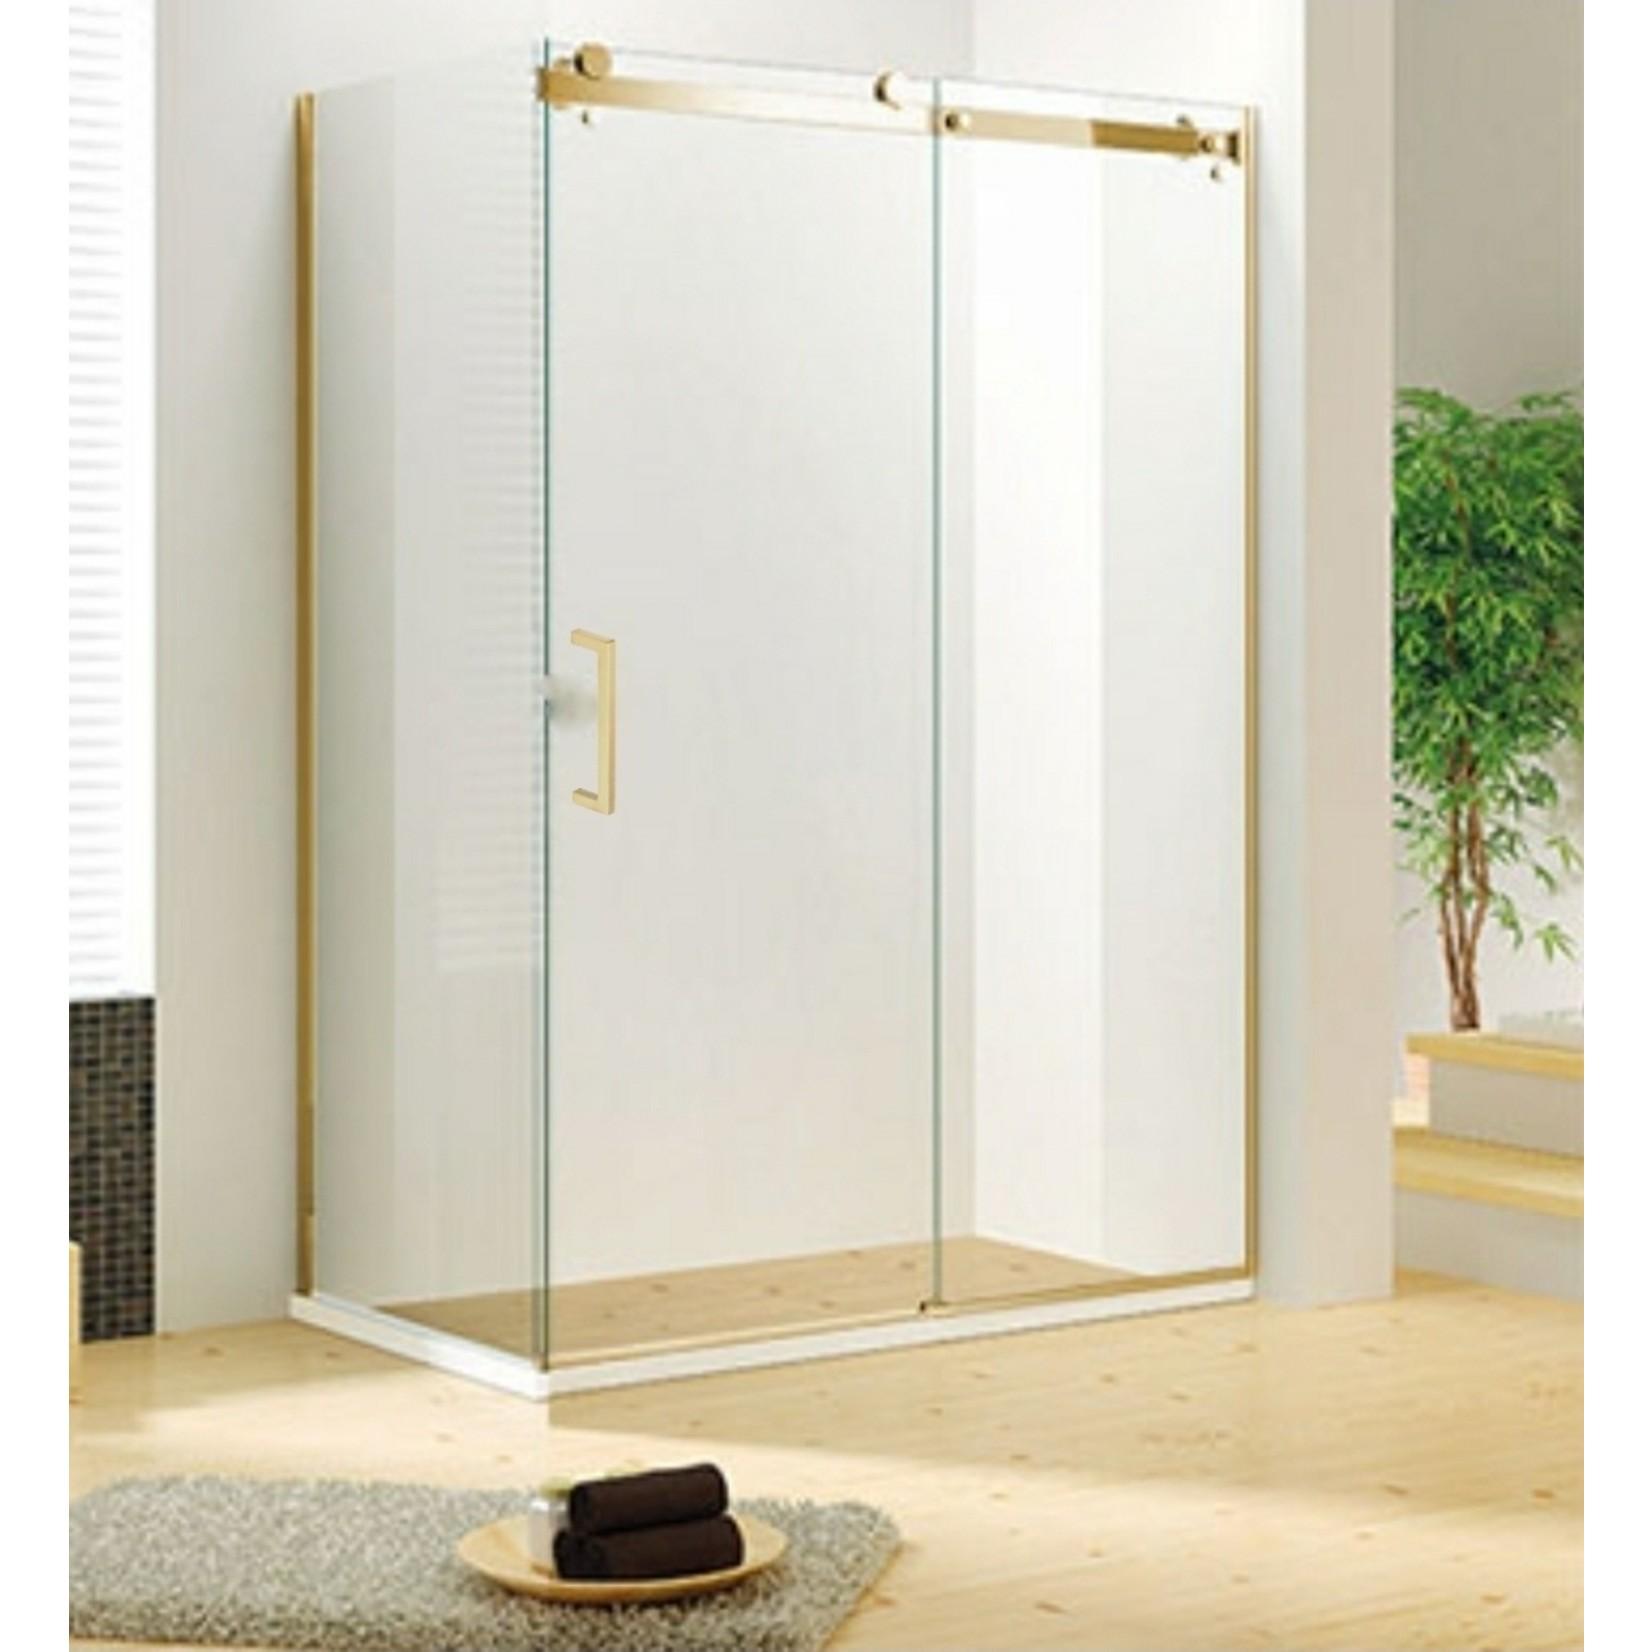 Ensemble de douche réversible 32x60 Or brossé série Quartz Jade bath